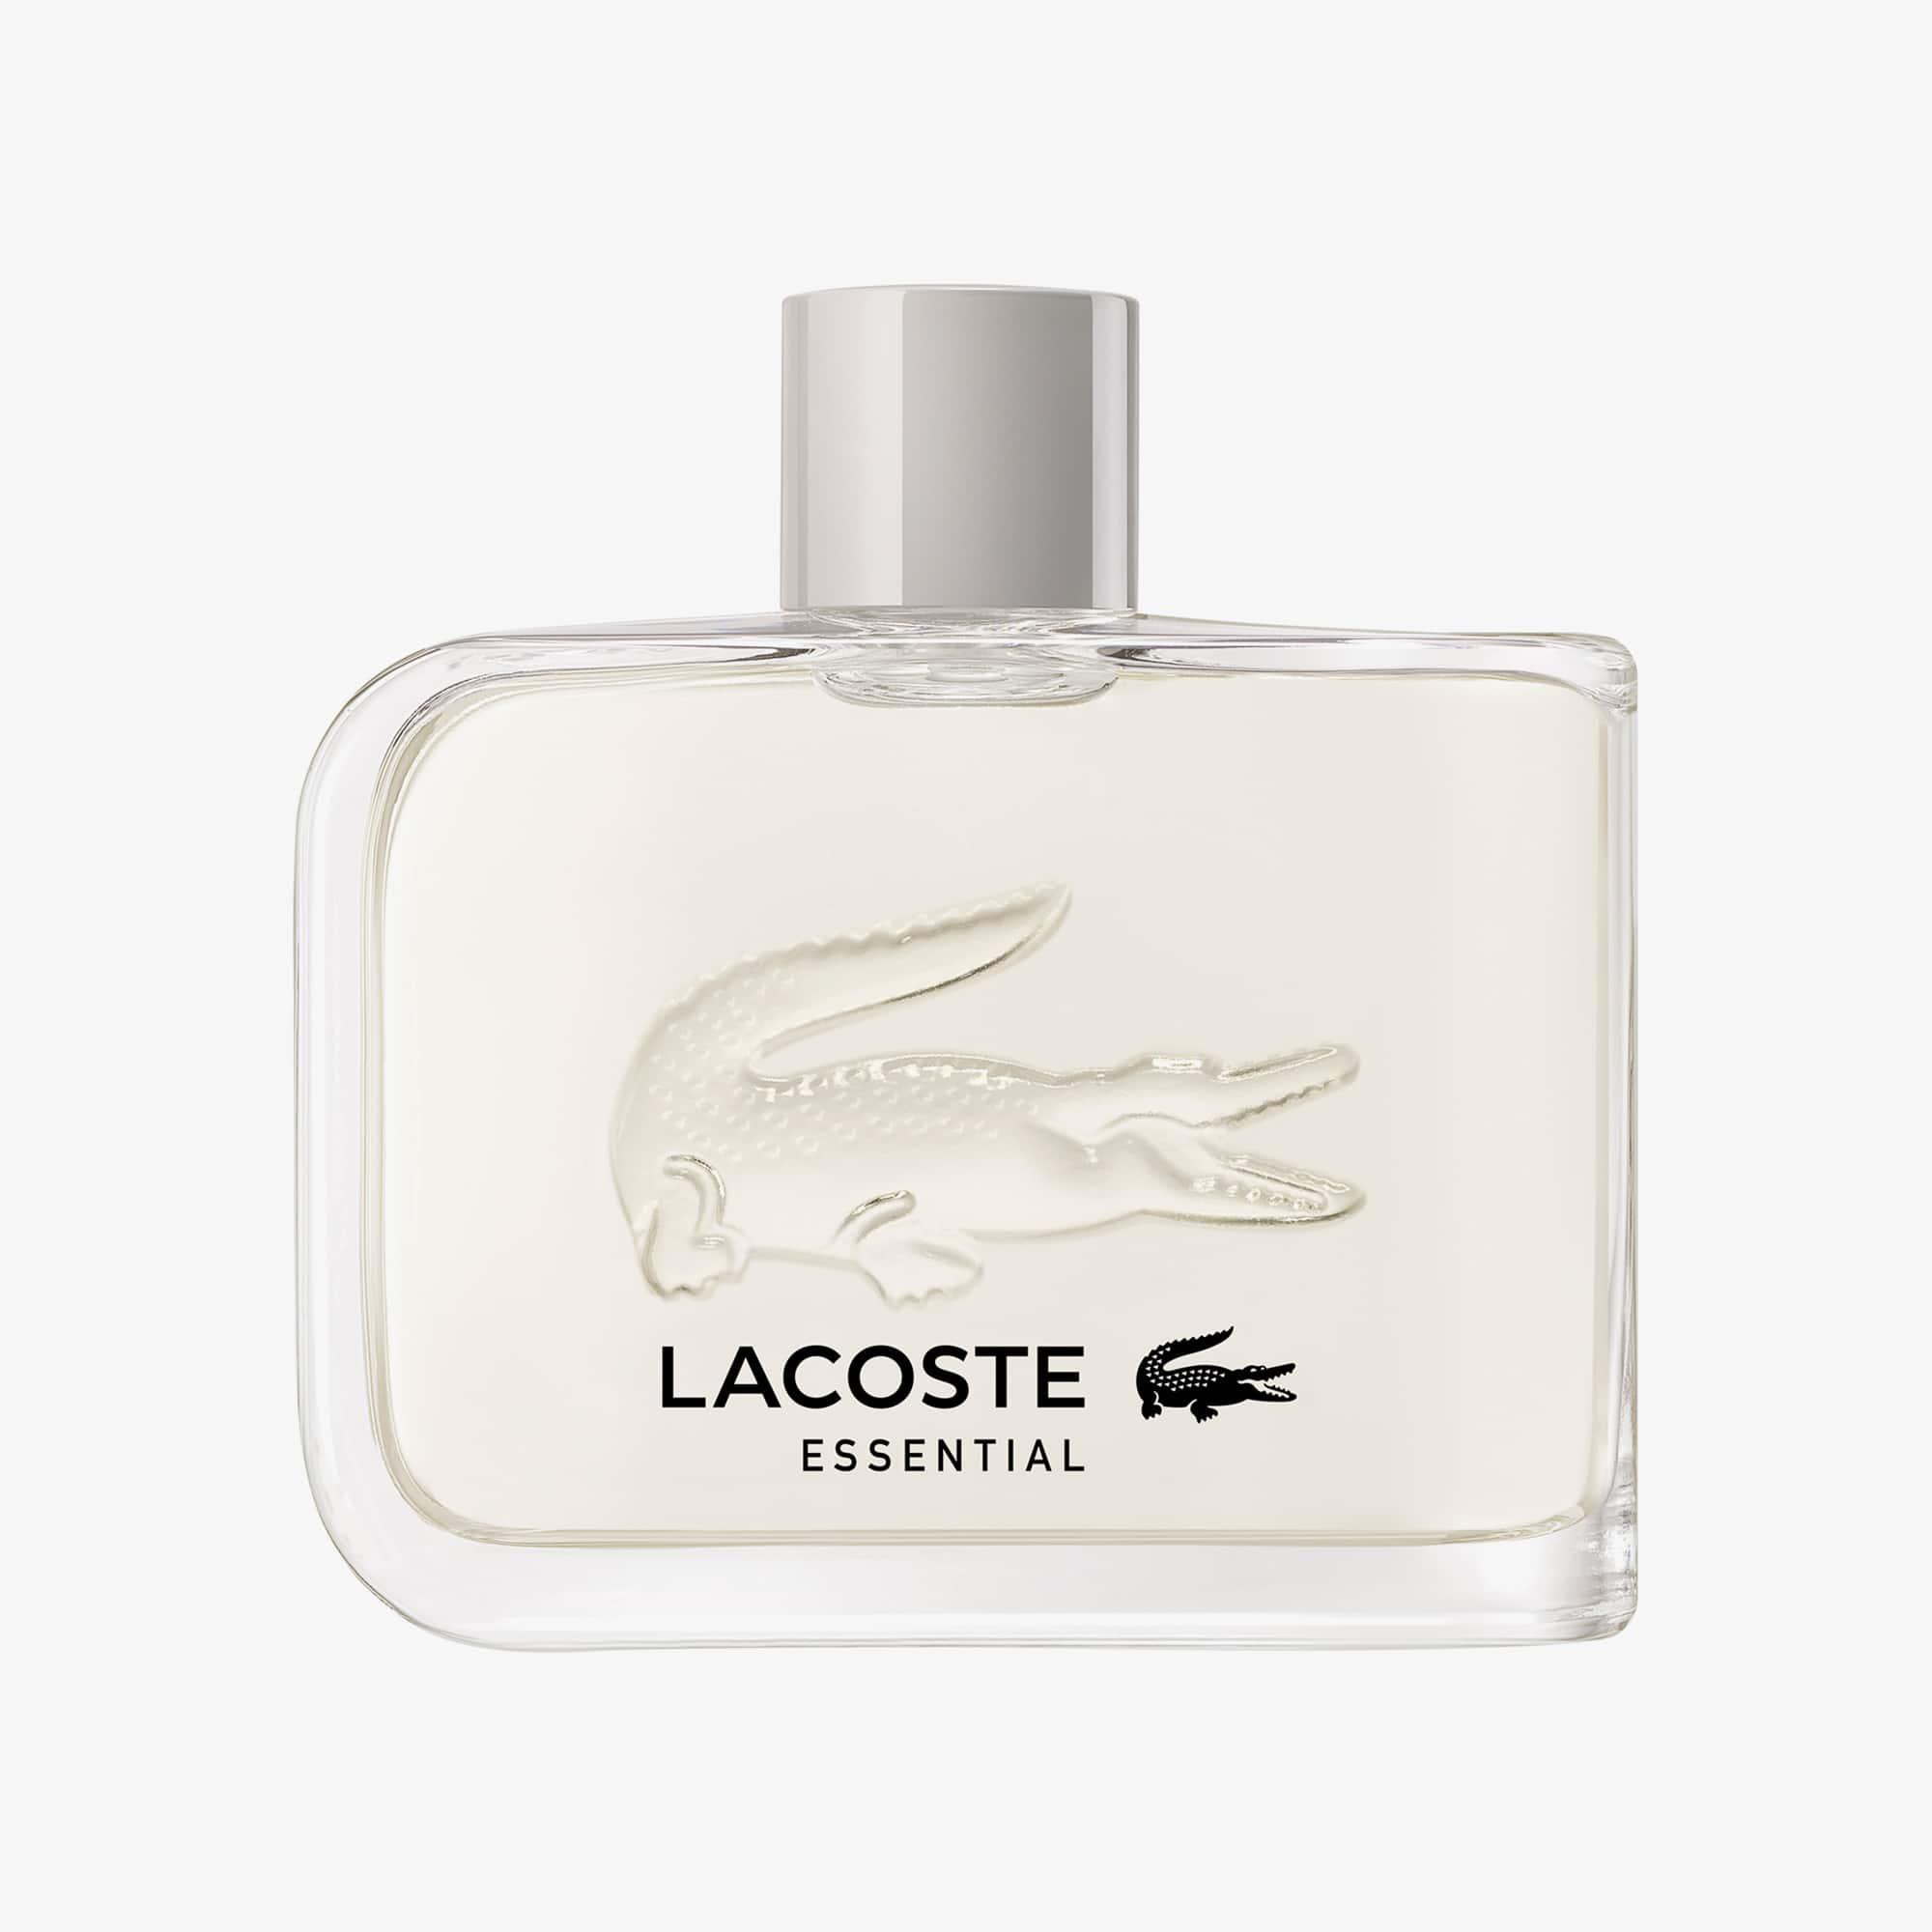 Lacoste Essential Eau de Parfum 125 ml